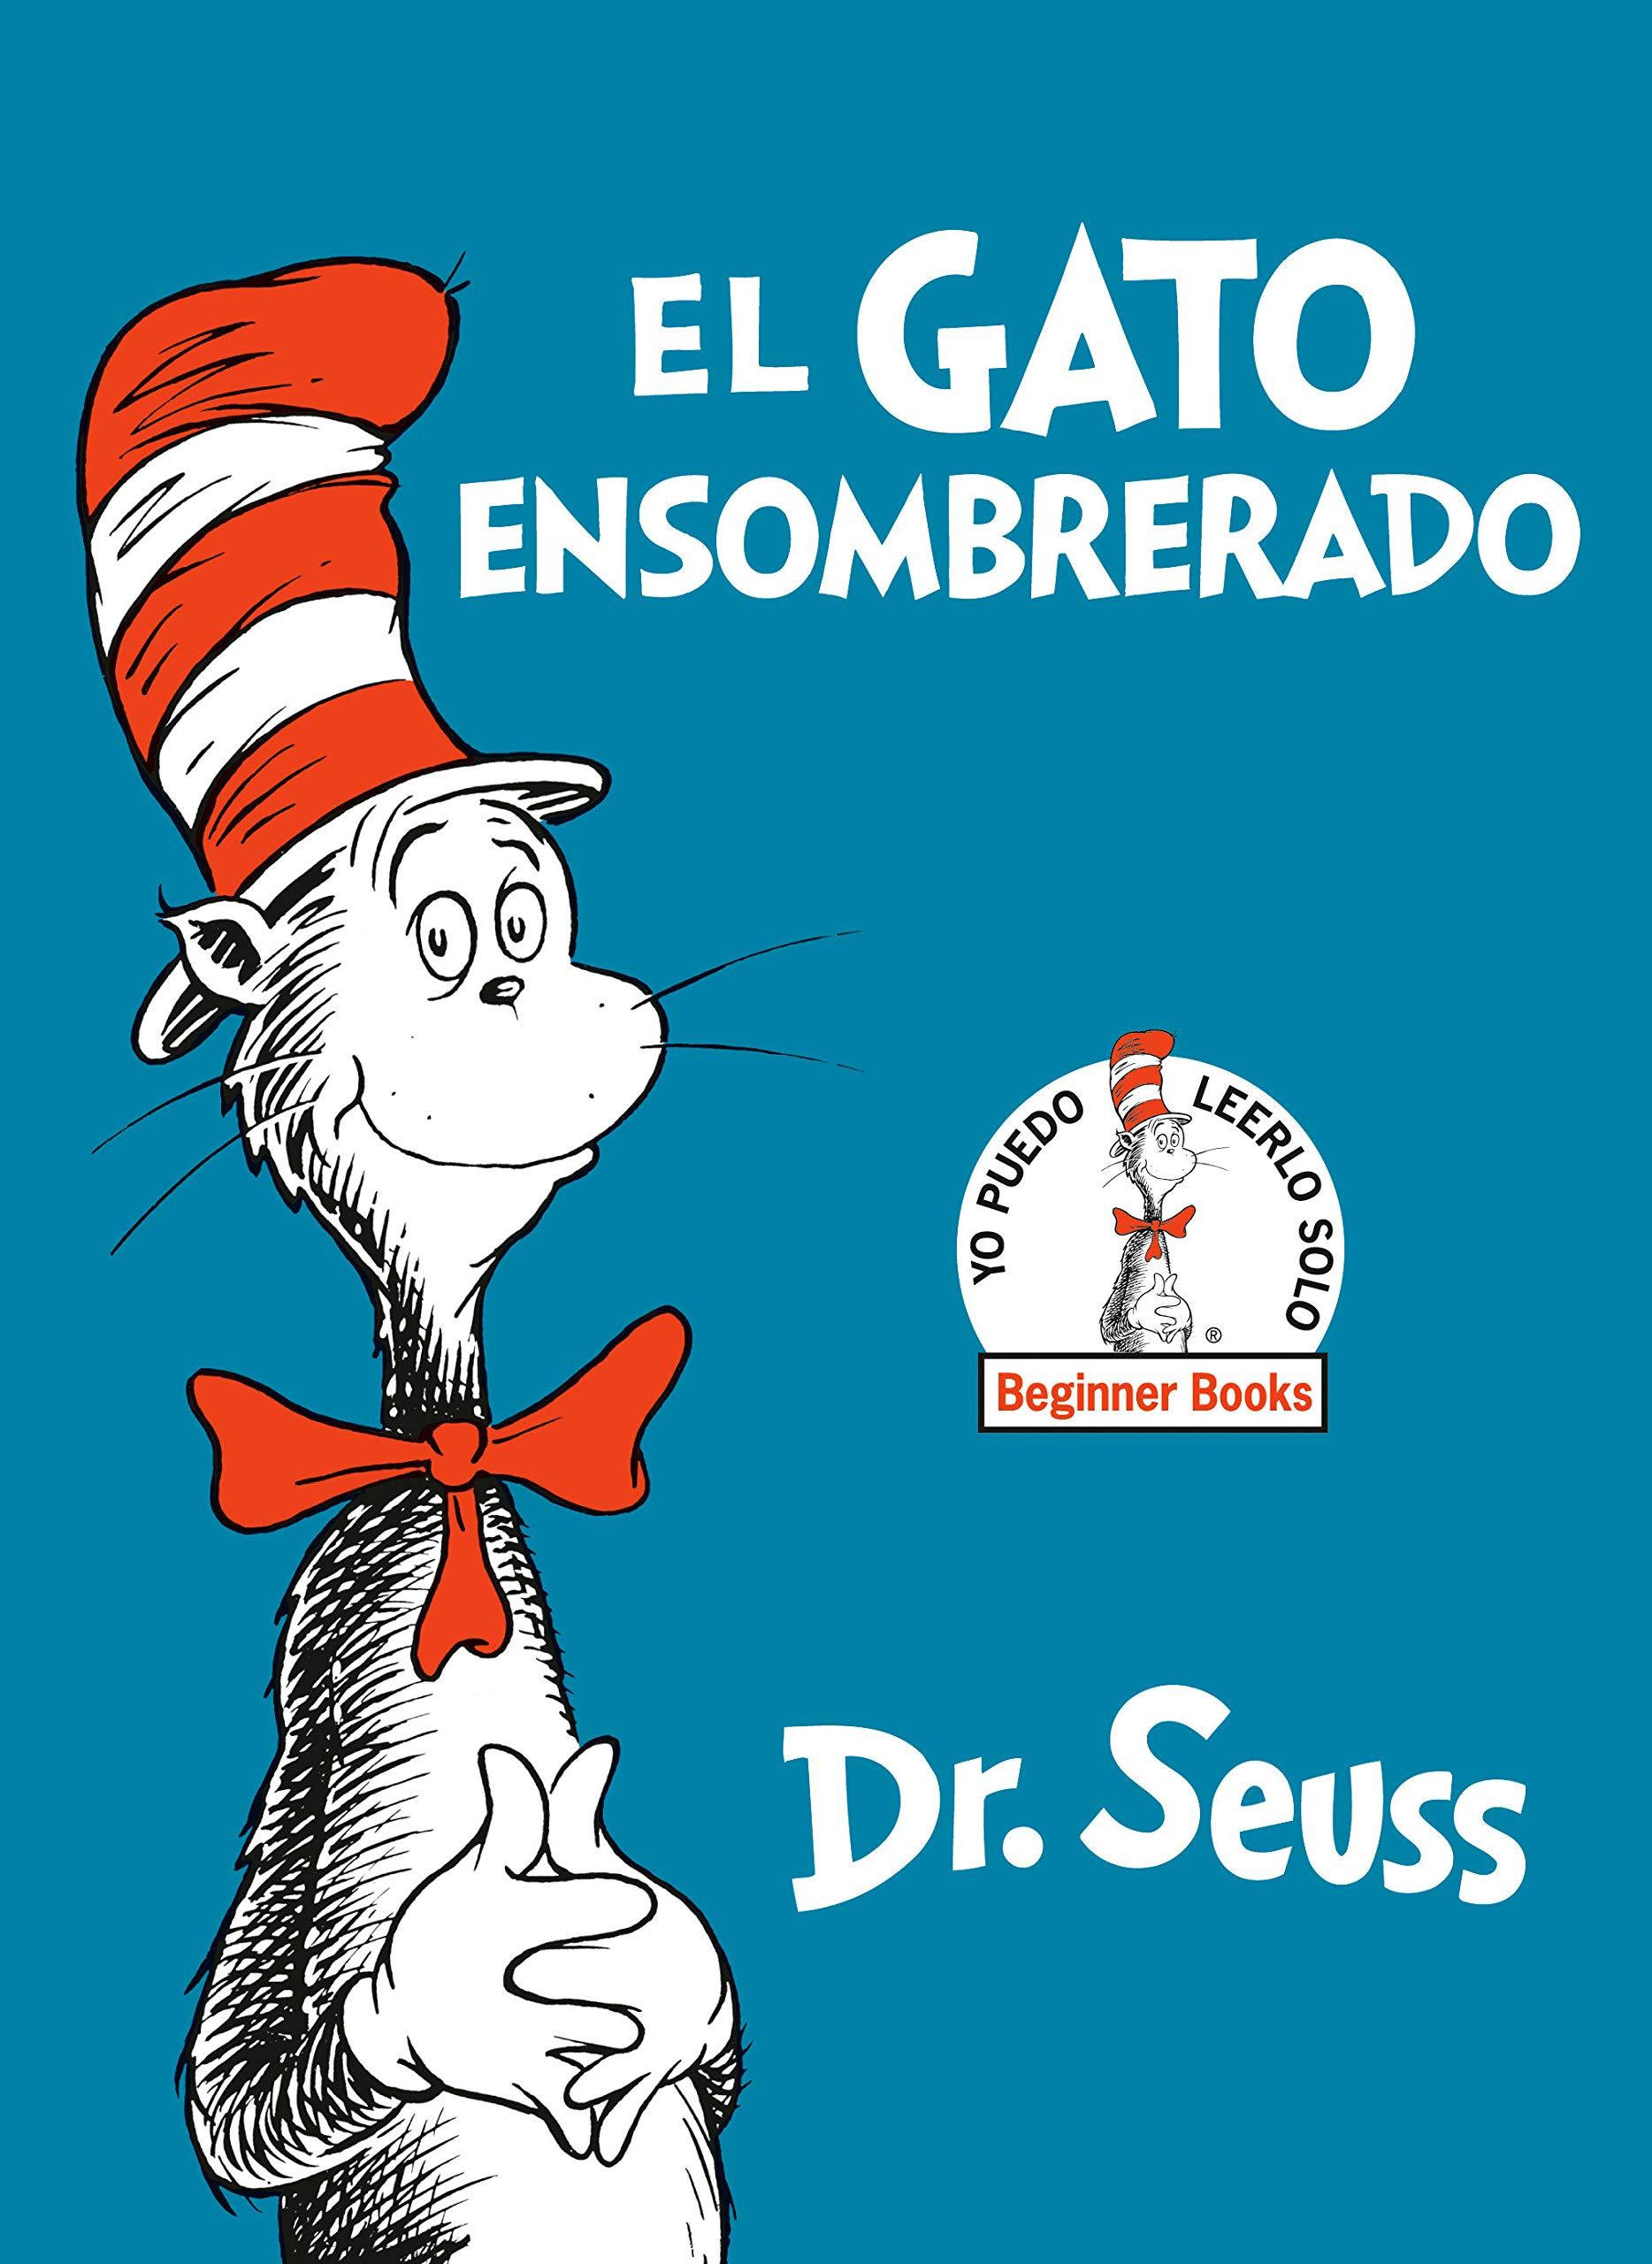 El Gato Ensombrerado The Cat In The Hat Spanish Edition Beginner Books R 9780553509793 Dr Seuss Books